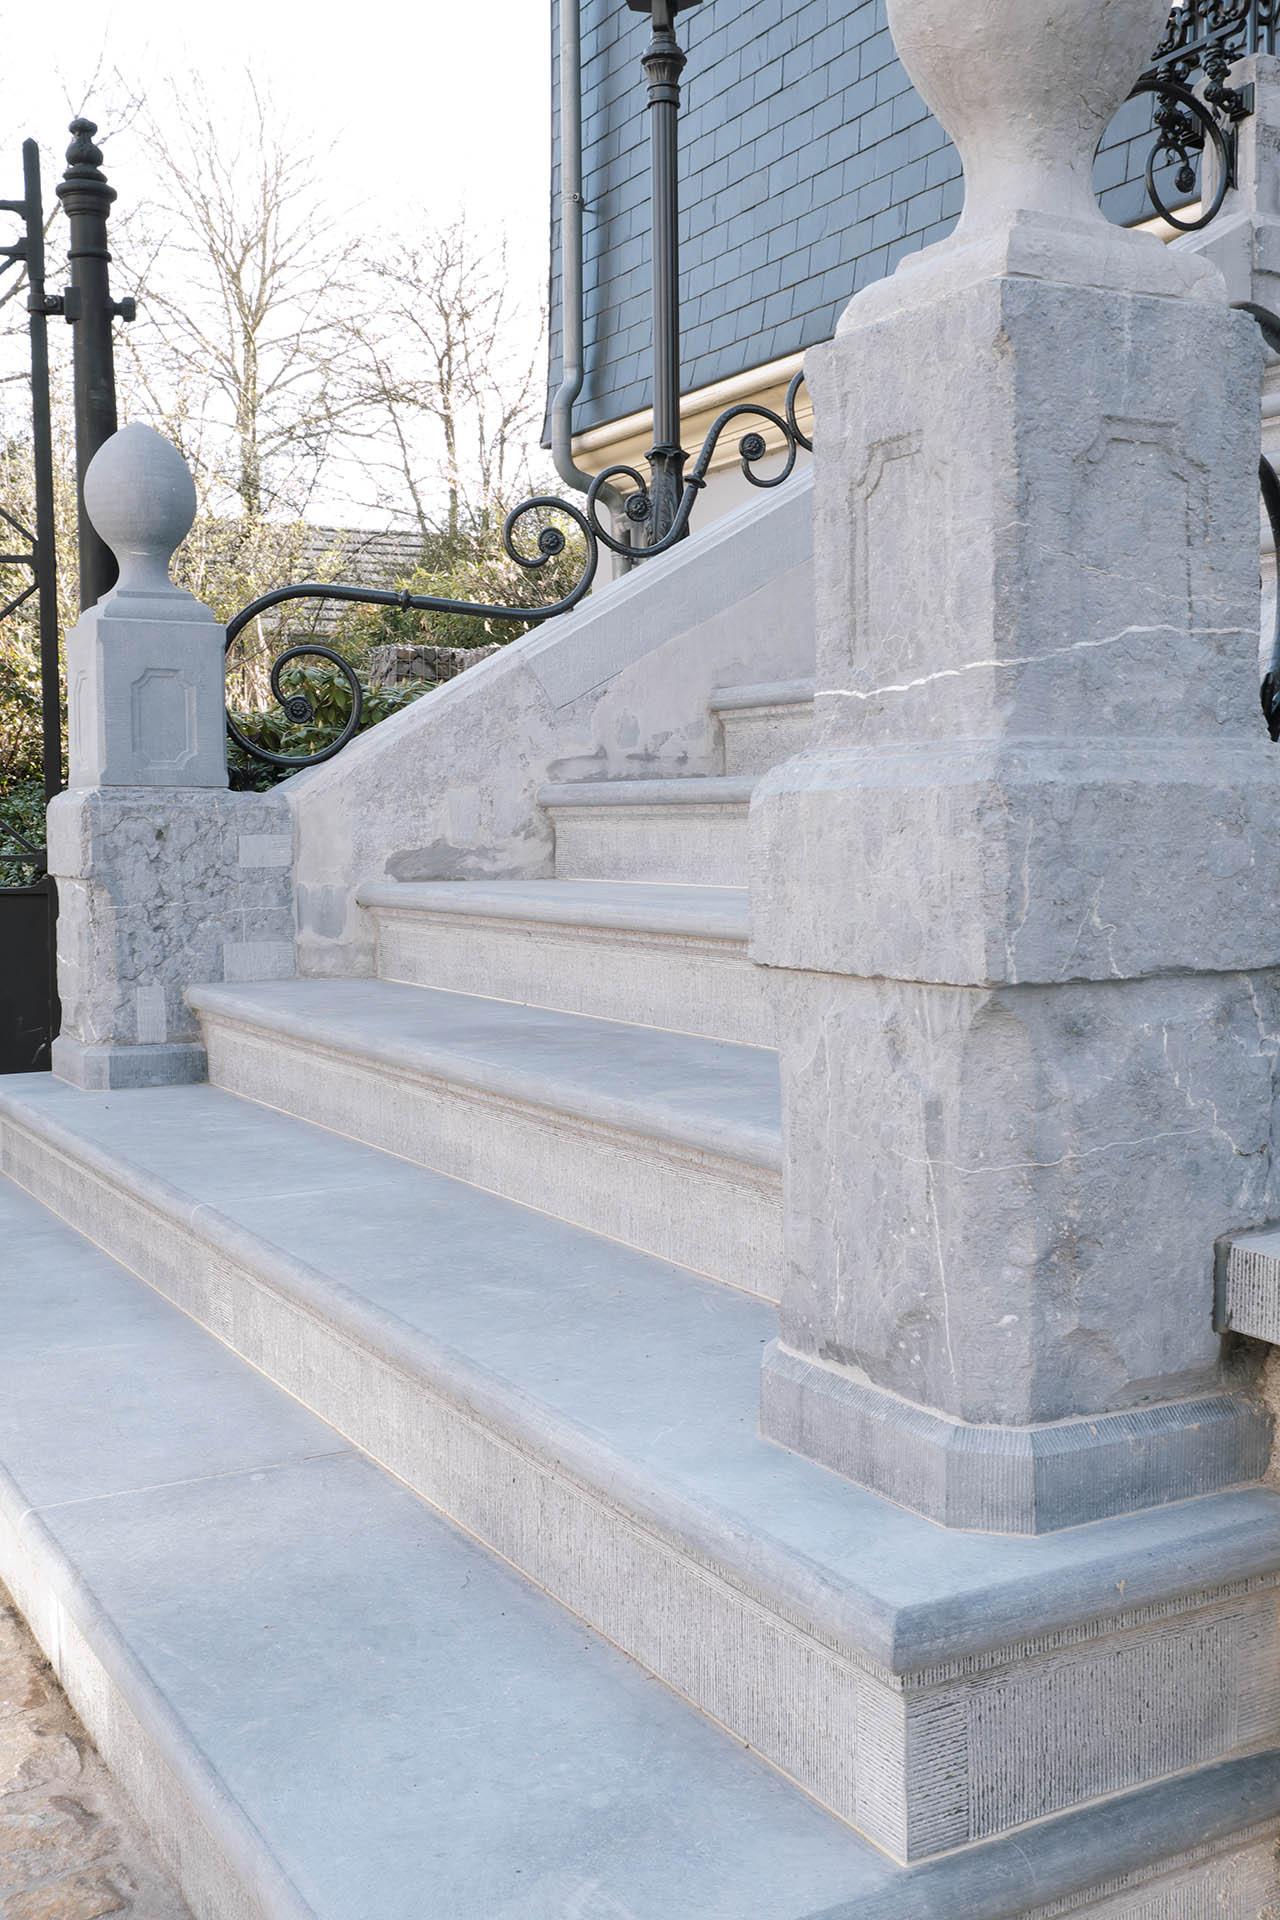 Das Treppenprofil ist typisch für die Maas-Rhein Region